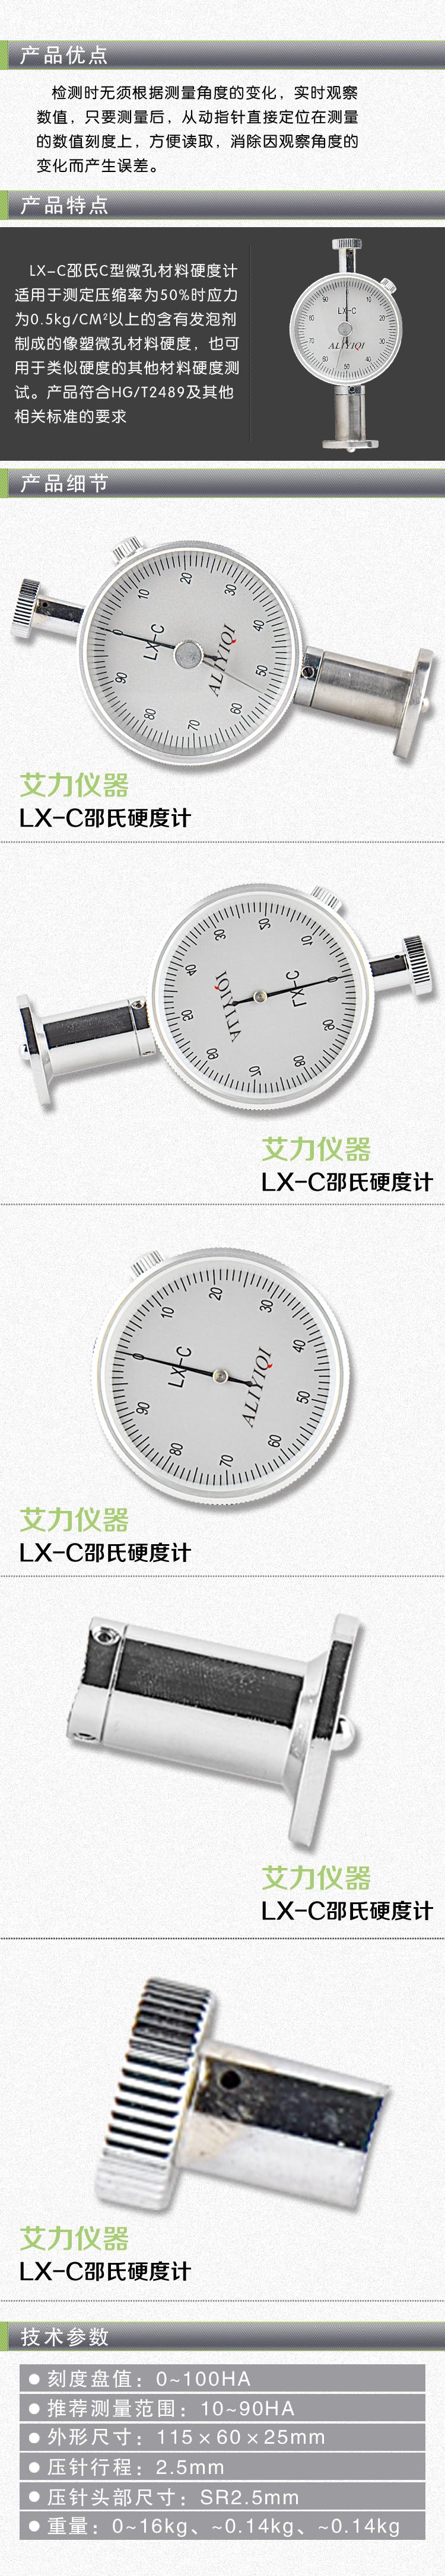 LX-C指针邵氏硬度计